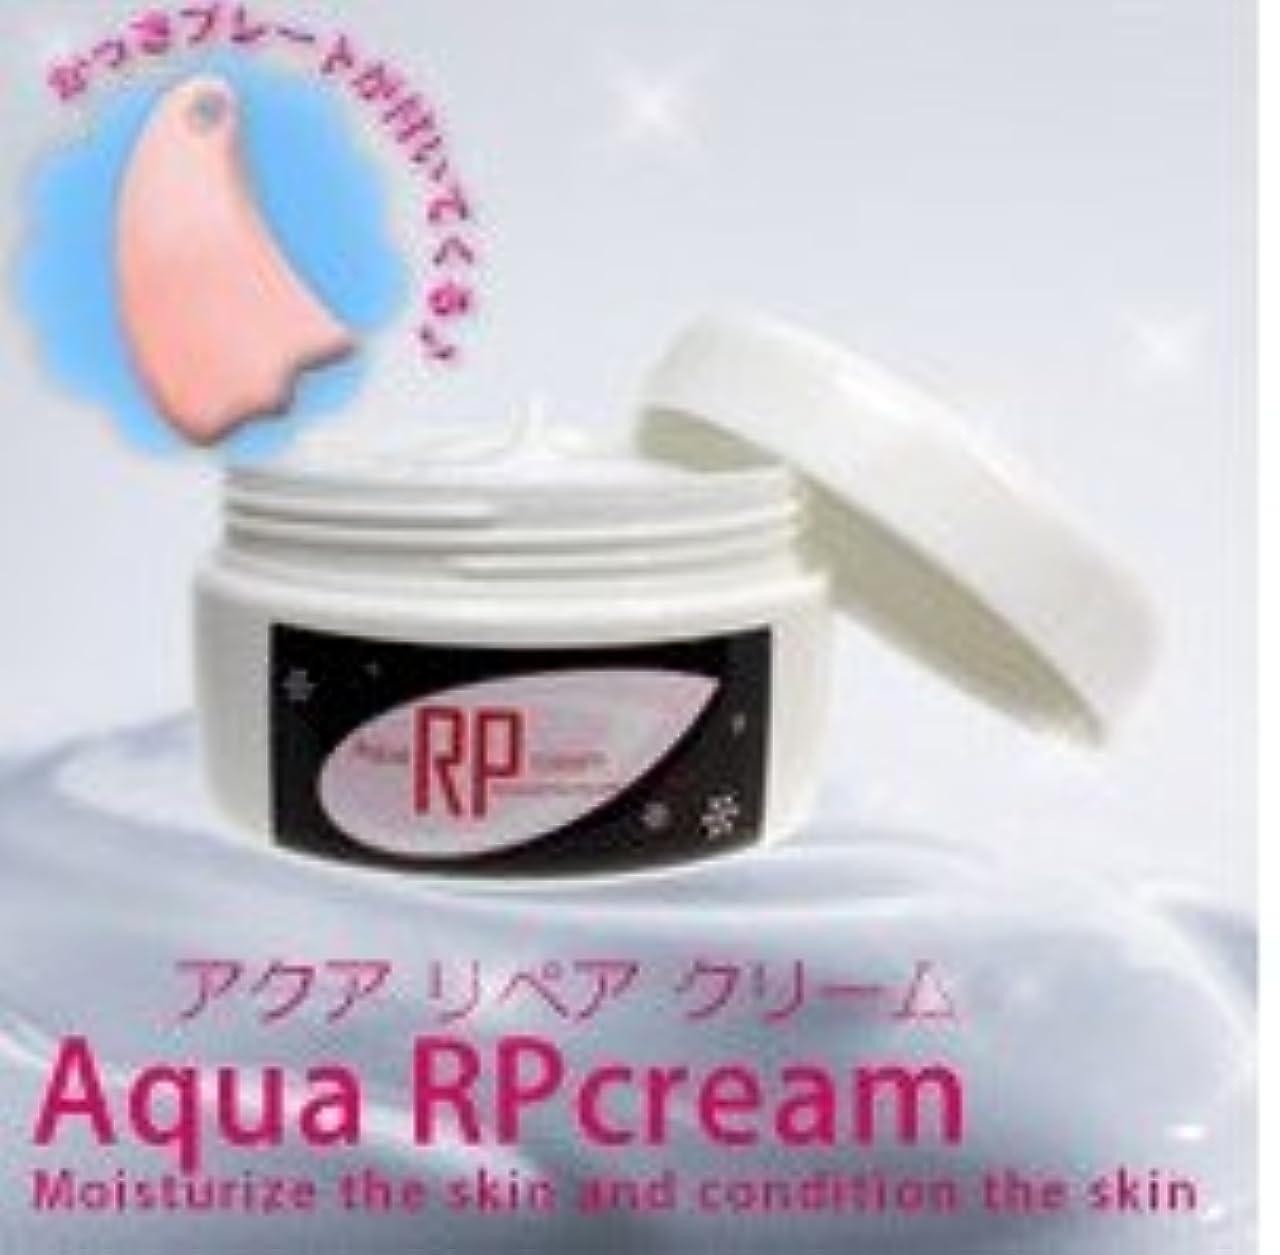 スポーツの試合を担当している人無線キネマティクスAqua RP cream (アクアリペアクリーム) かっさプレート付